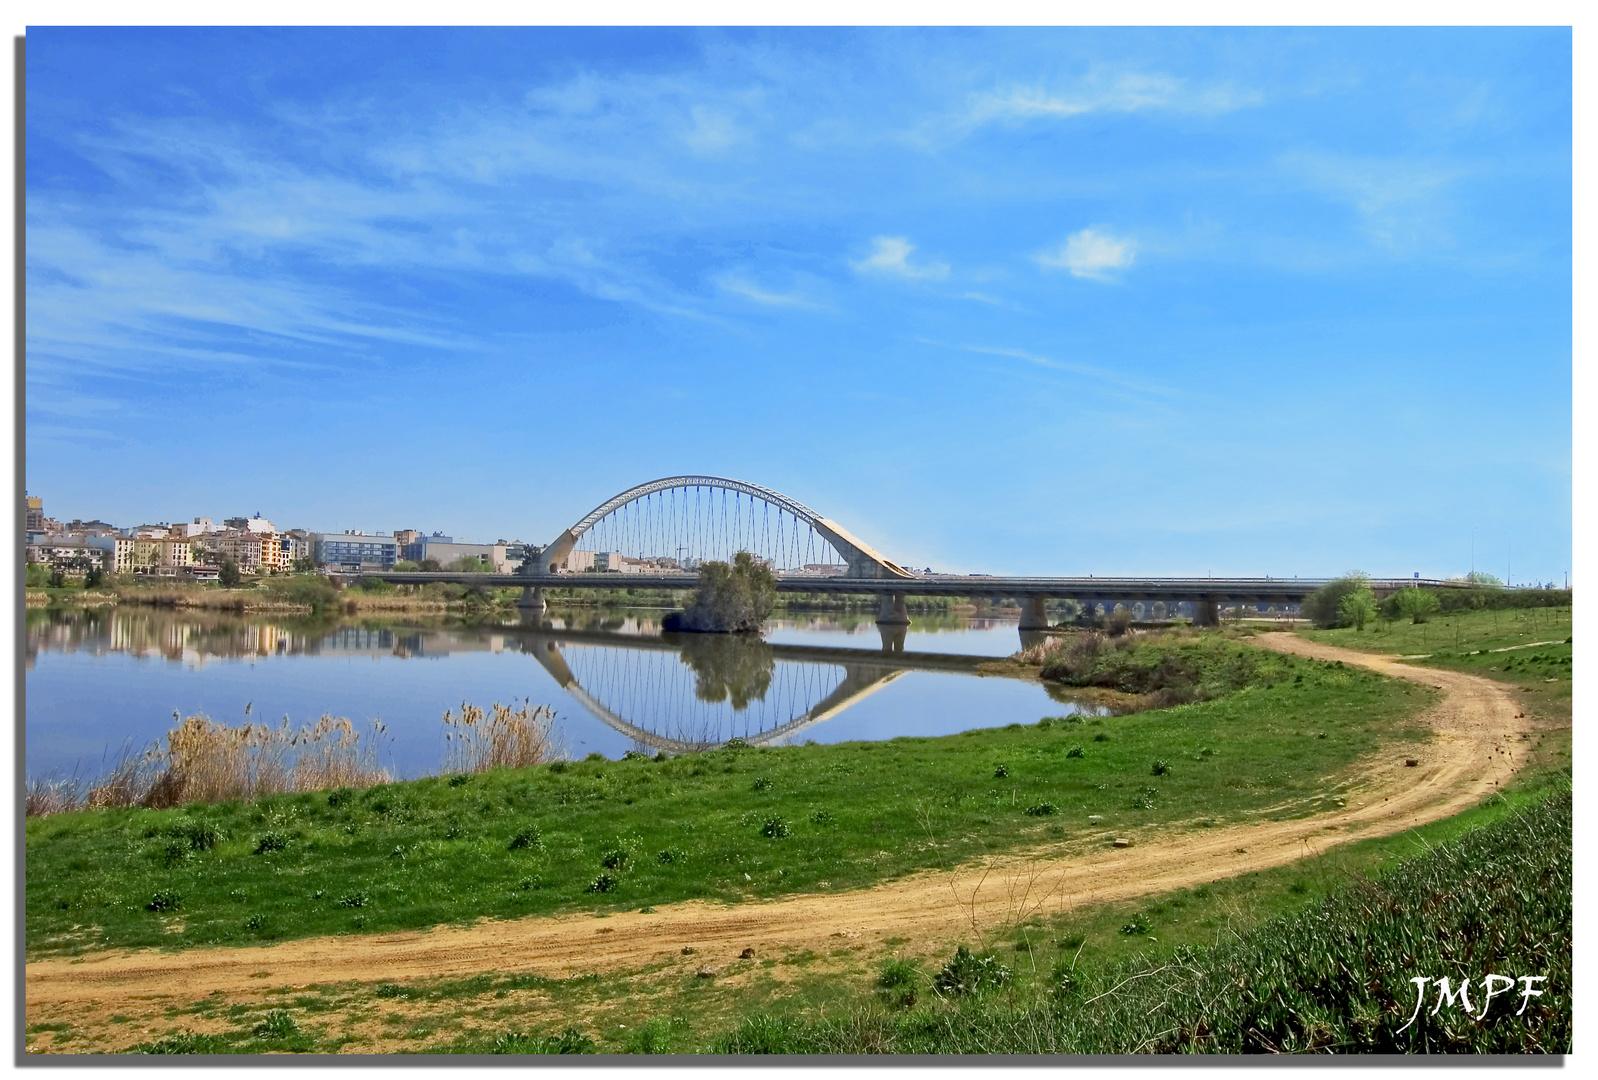 Puente Lusitania 3 Mérida (Badajoz)